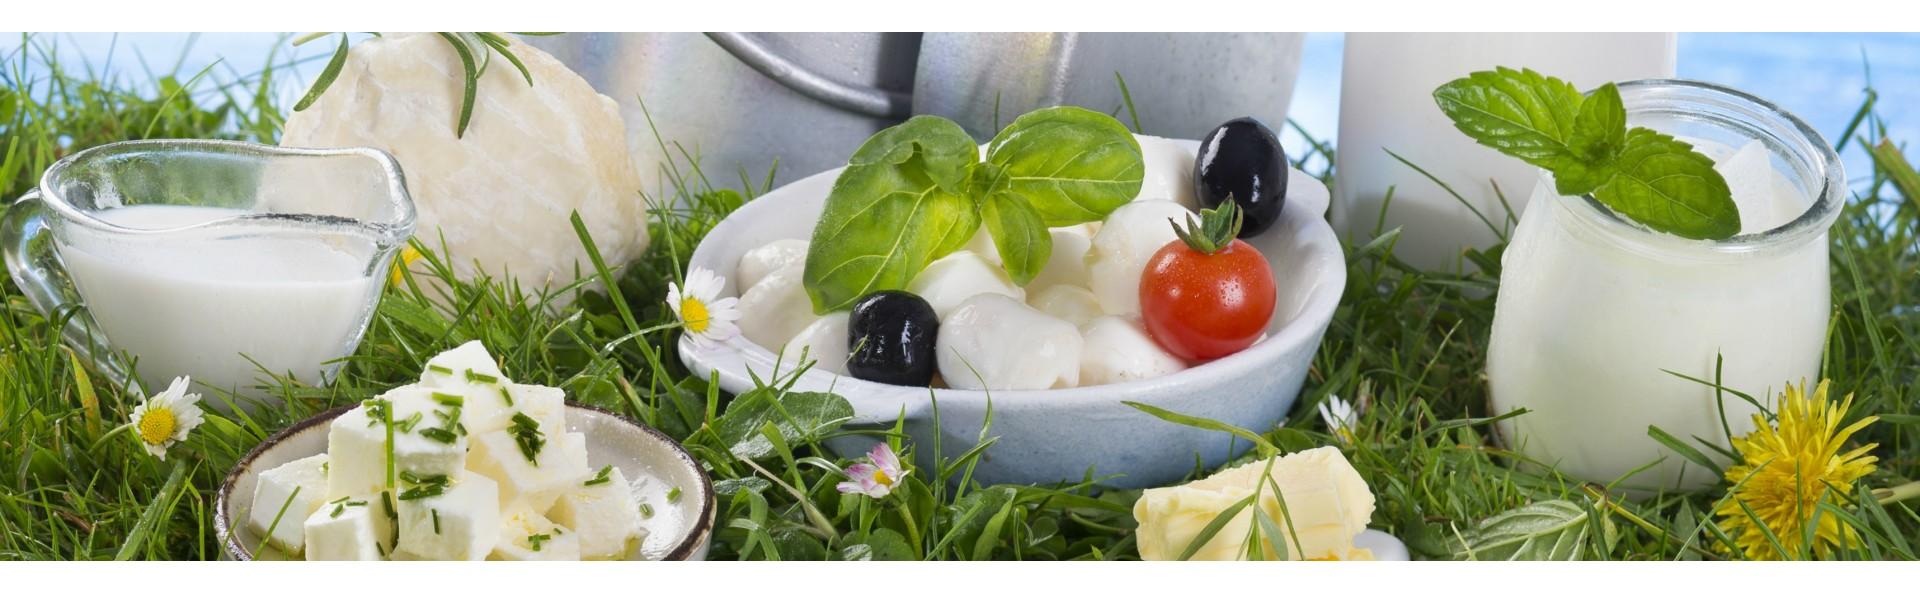 Laitages  - <p>Disponible uniquement dans notre boutique Nos belles Saisons à llupia :</p> <p>Yaourts , fromages de chèvre, brebis, vache ...</p>